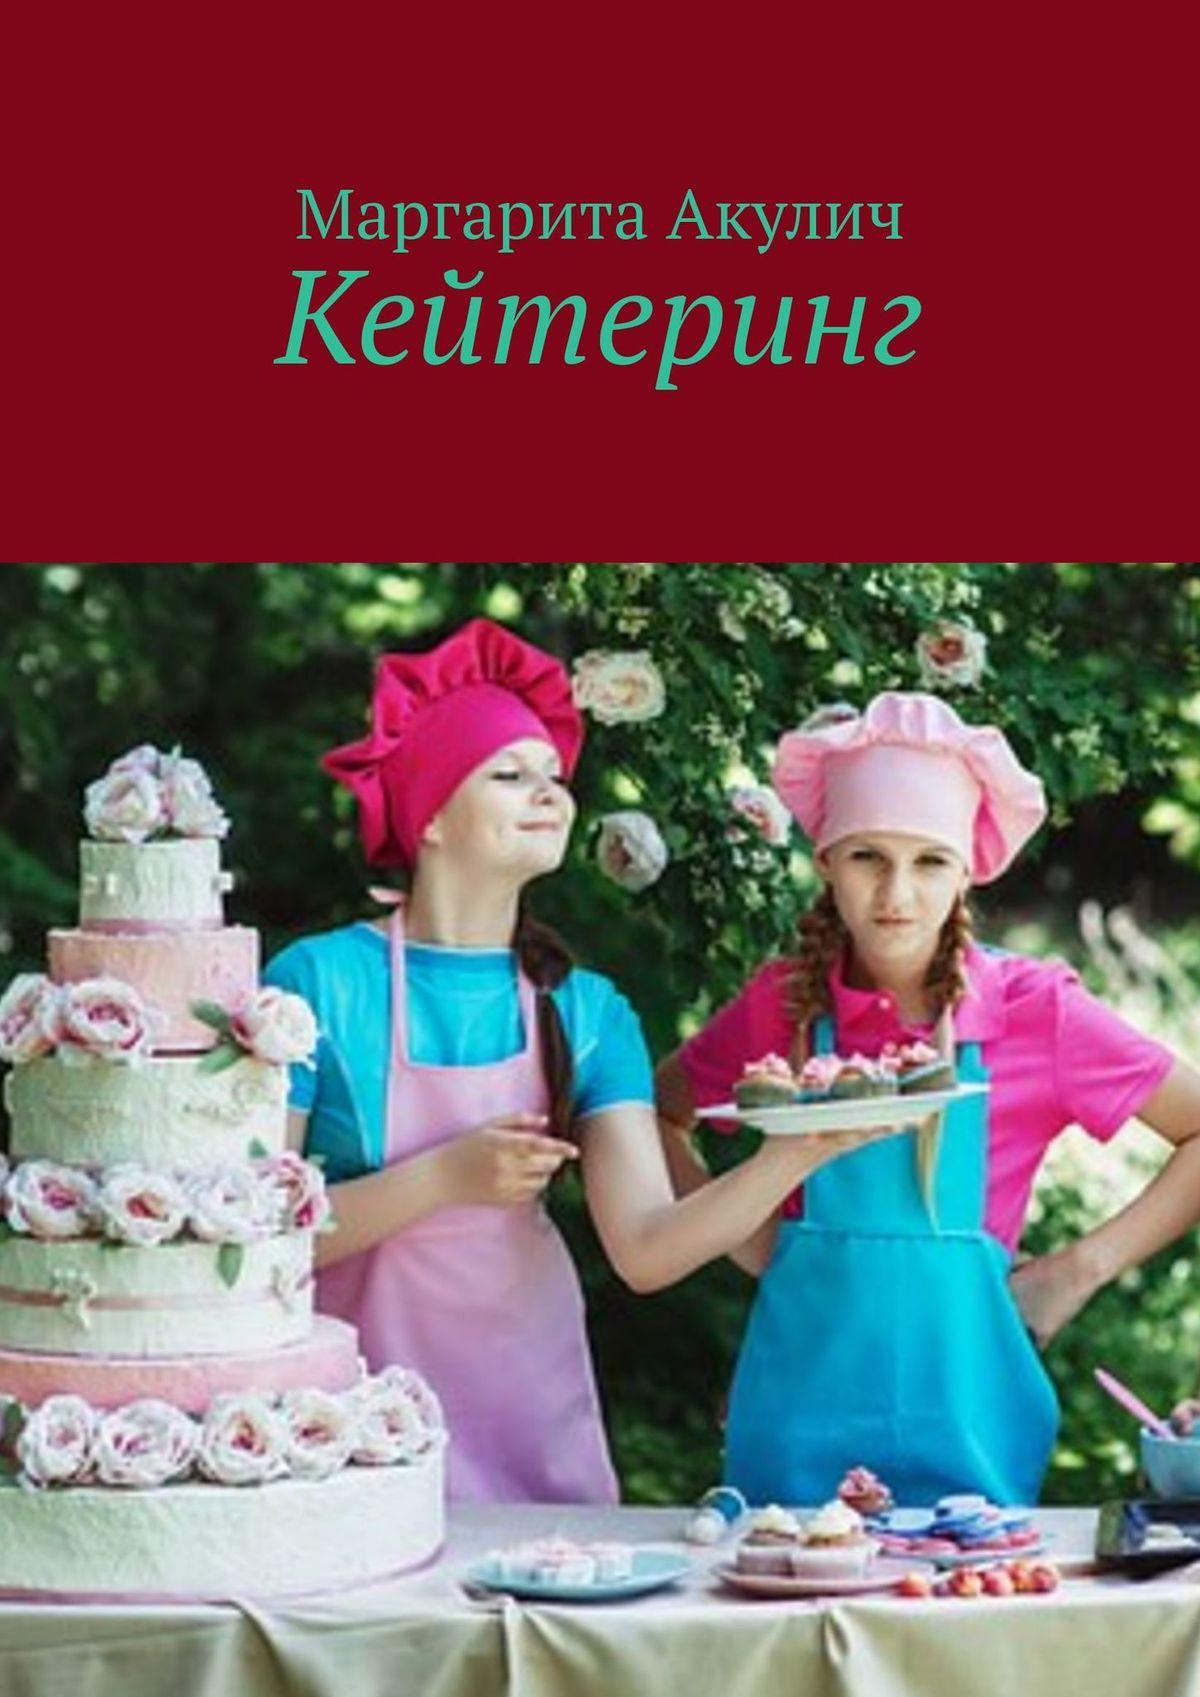 Маргарита Акулич Кейтеринг. Основные аспекты и маркетинг